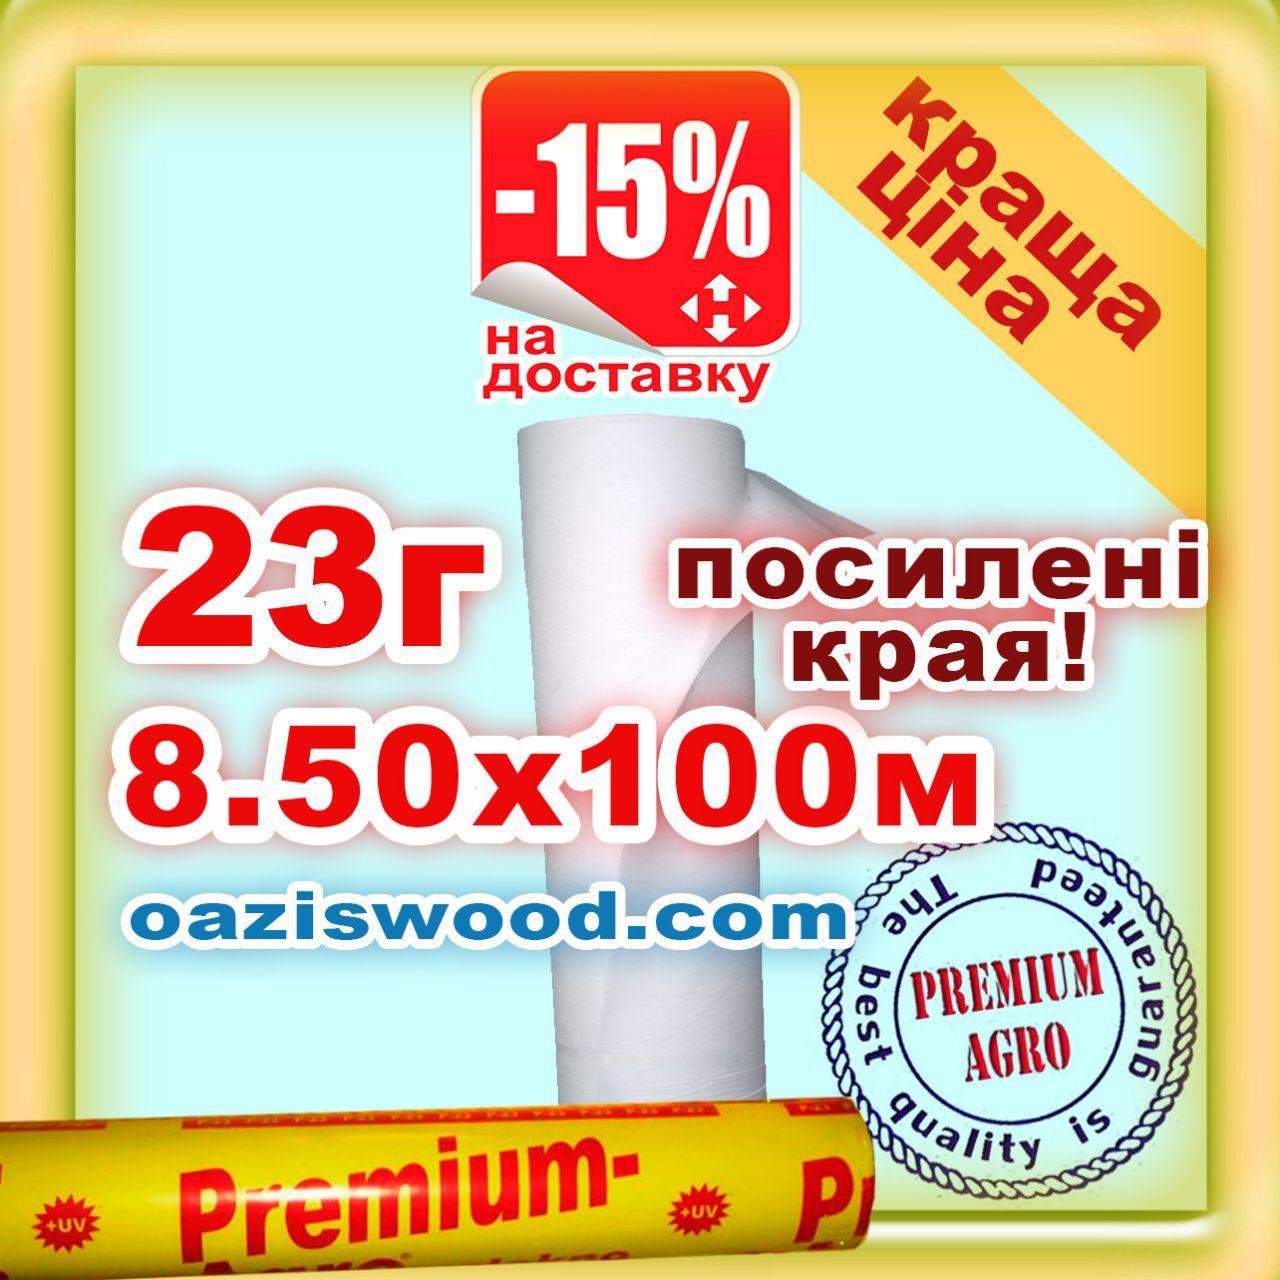 Агроволокно р-23g 8.5*100м белое UV-P 4.5% Premium-Agro Польша усиленные края